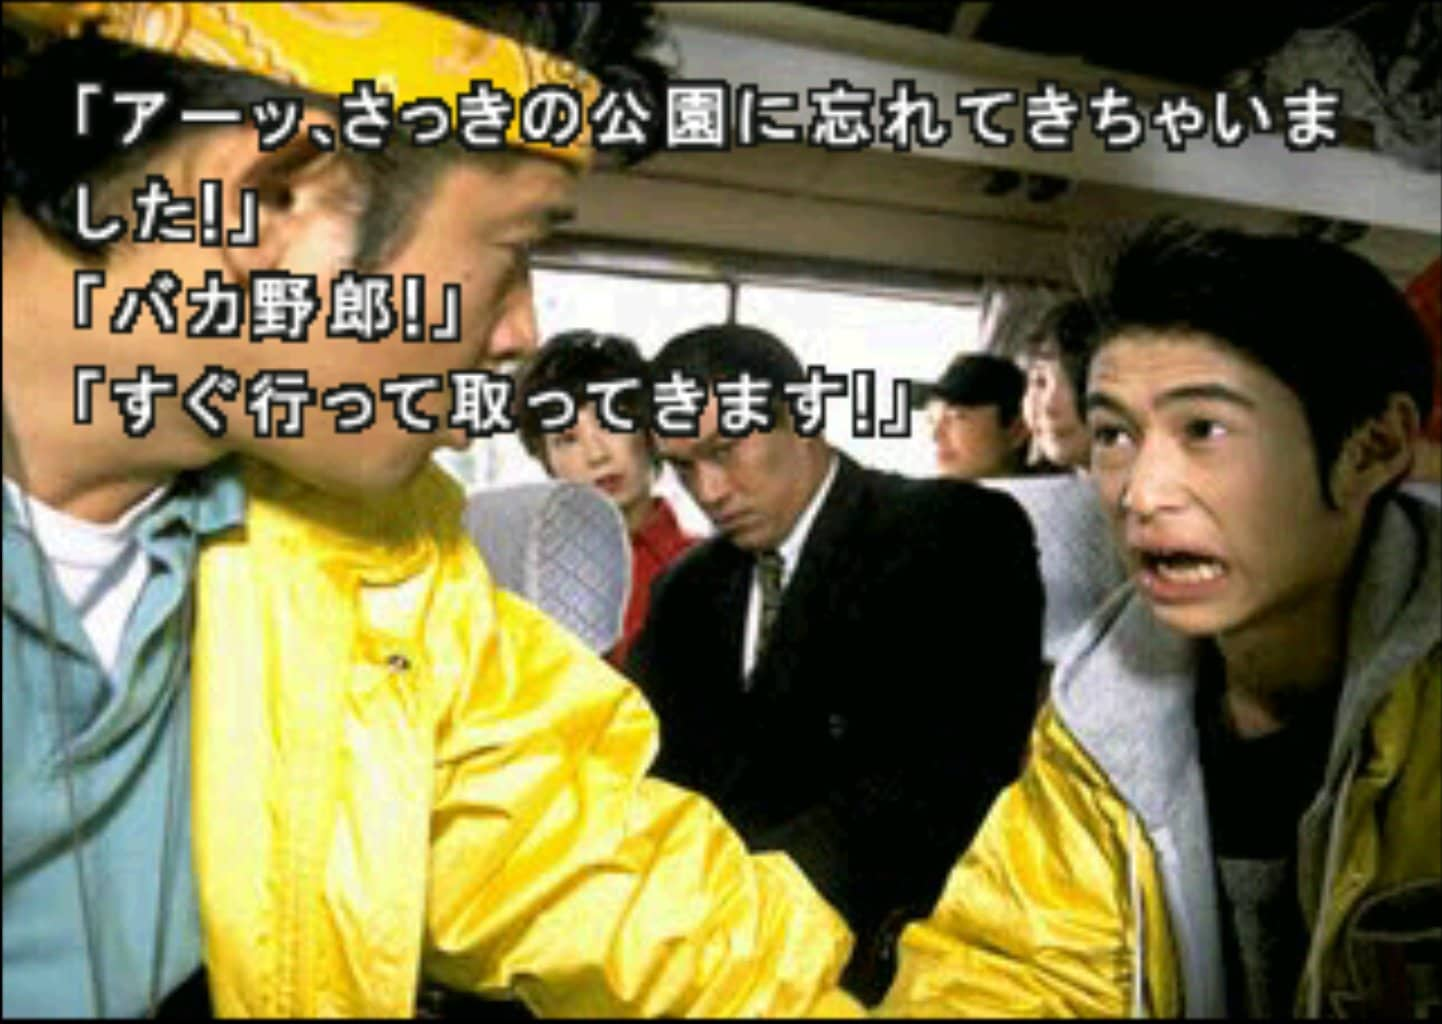 無名時代の窪塚洋介さんも出演、伝説の実写ゲーム『街』の圧倒的見せ方【ヤマグチクエスト・コラム】の画像006